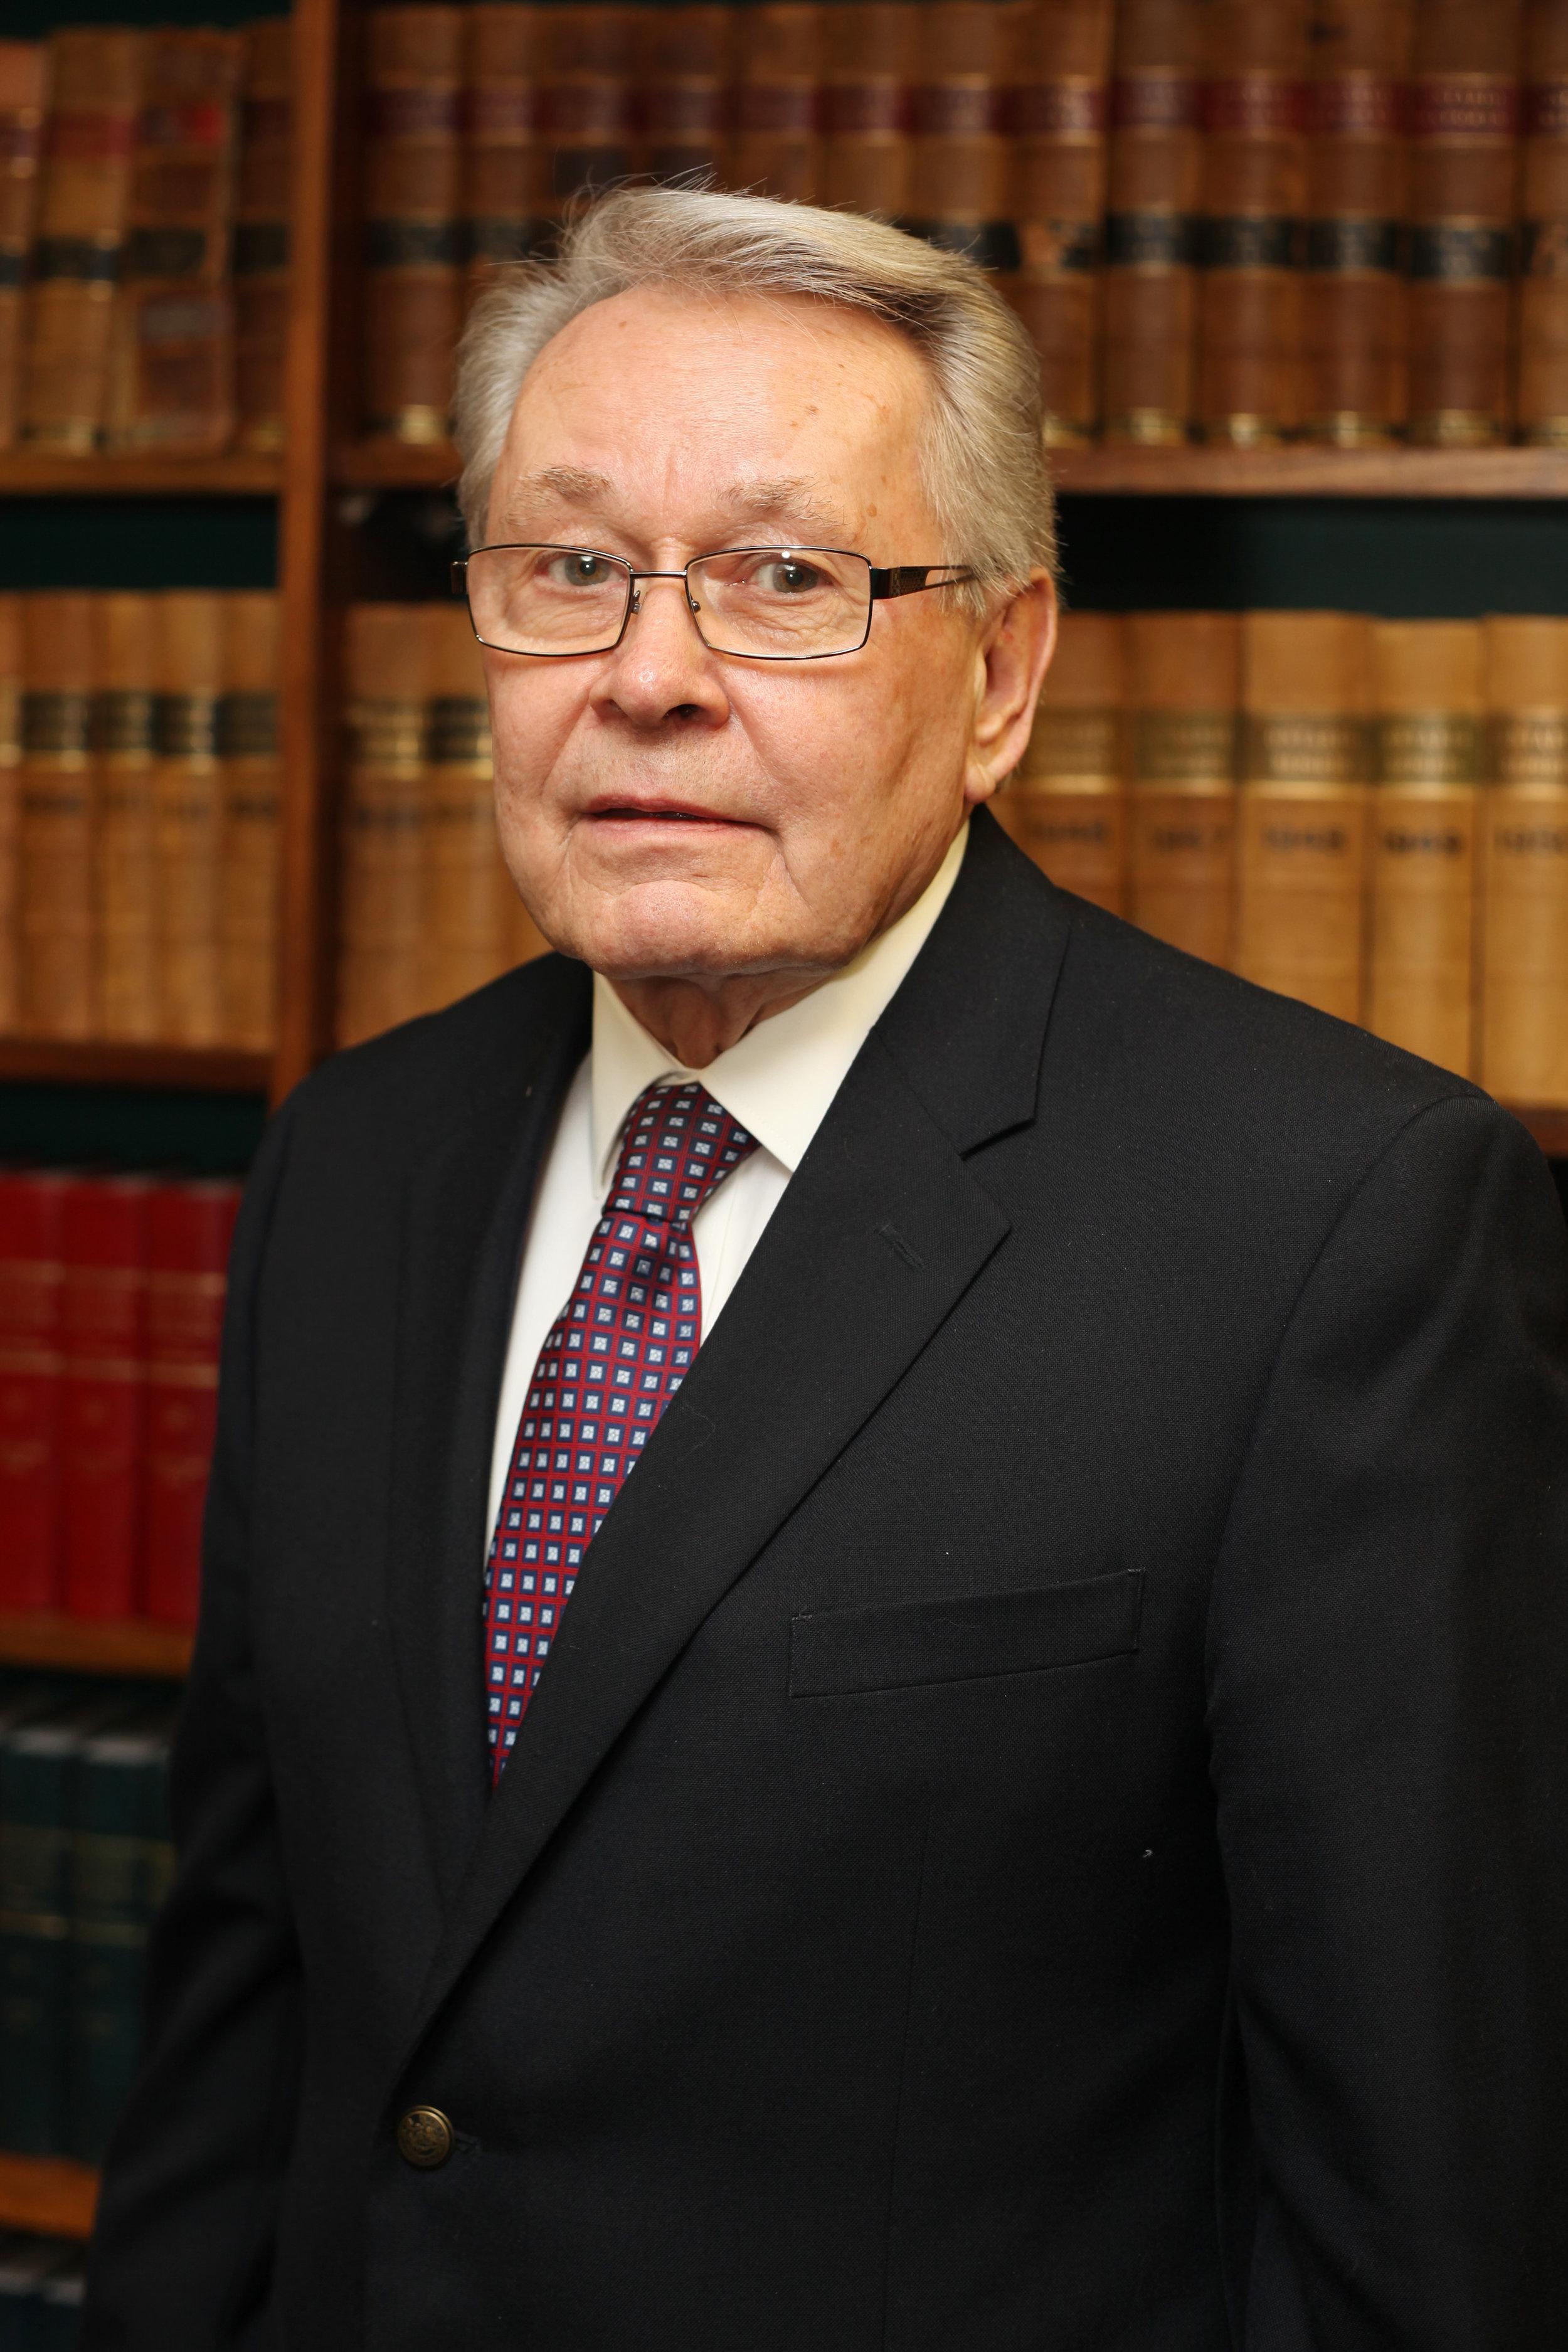 Thomas E. Maki profile image